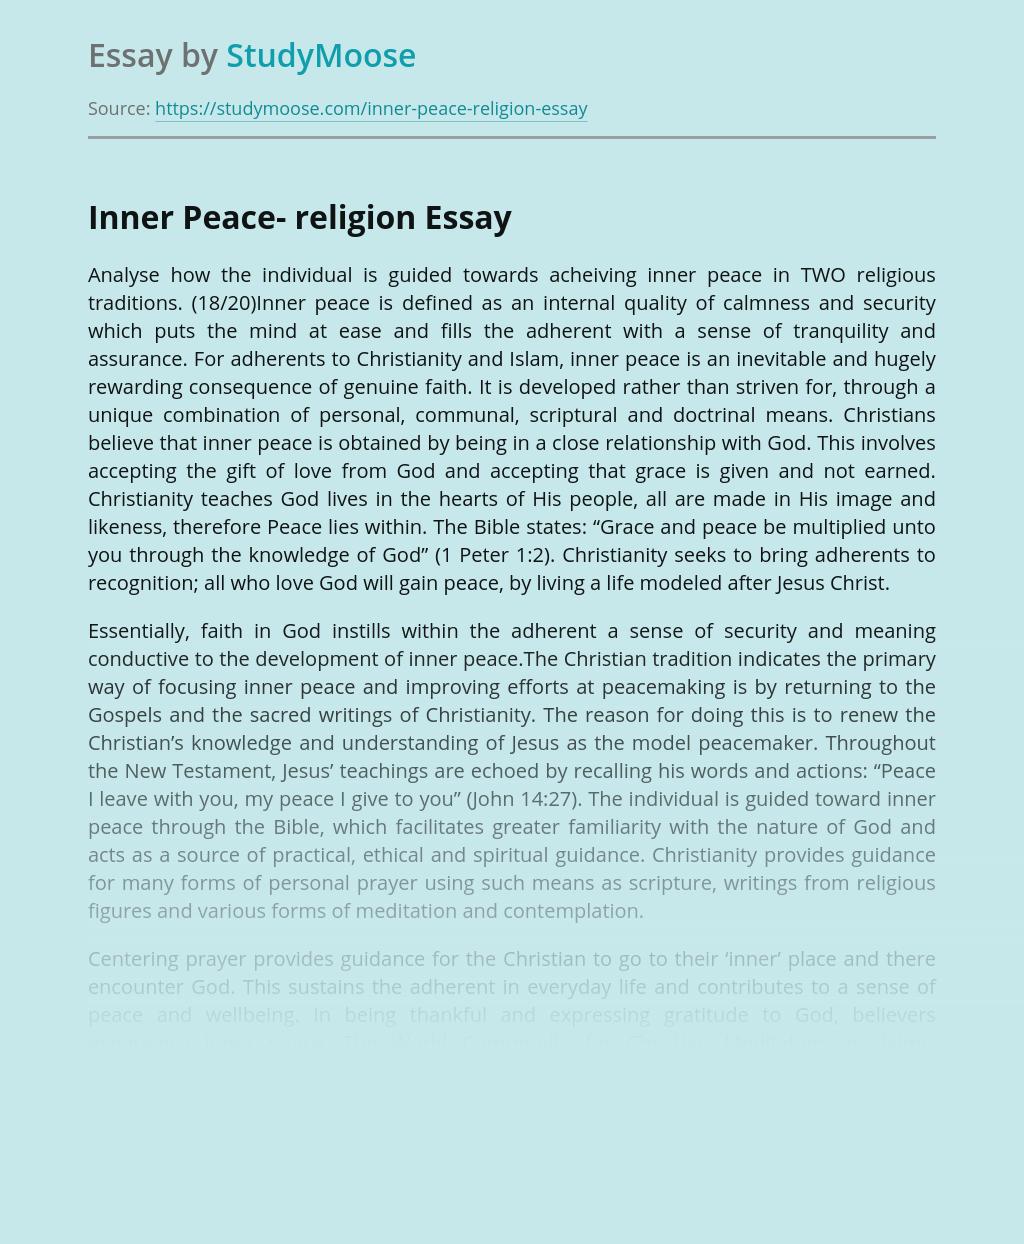 Inner Peace- religion